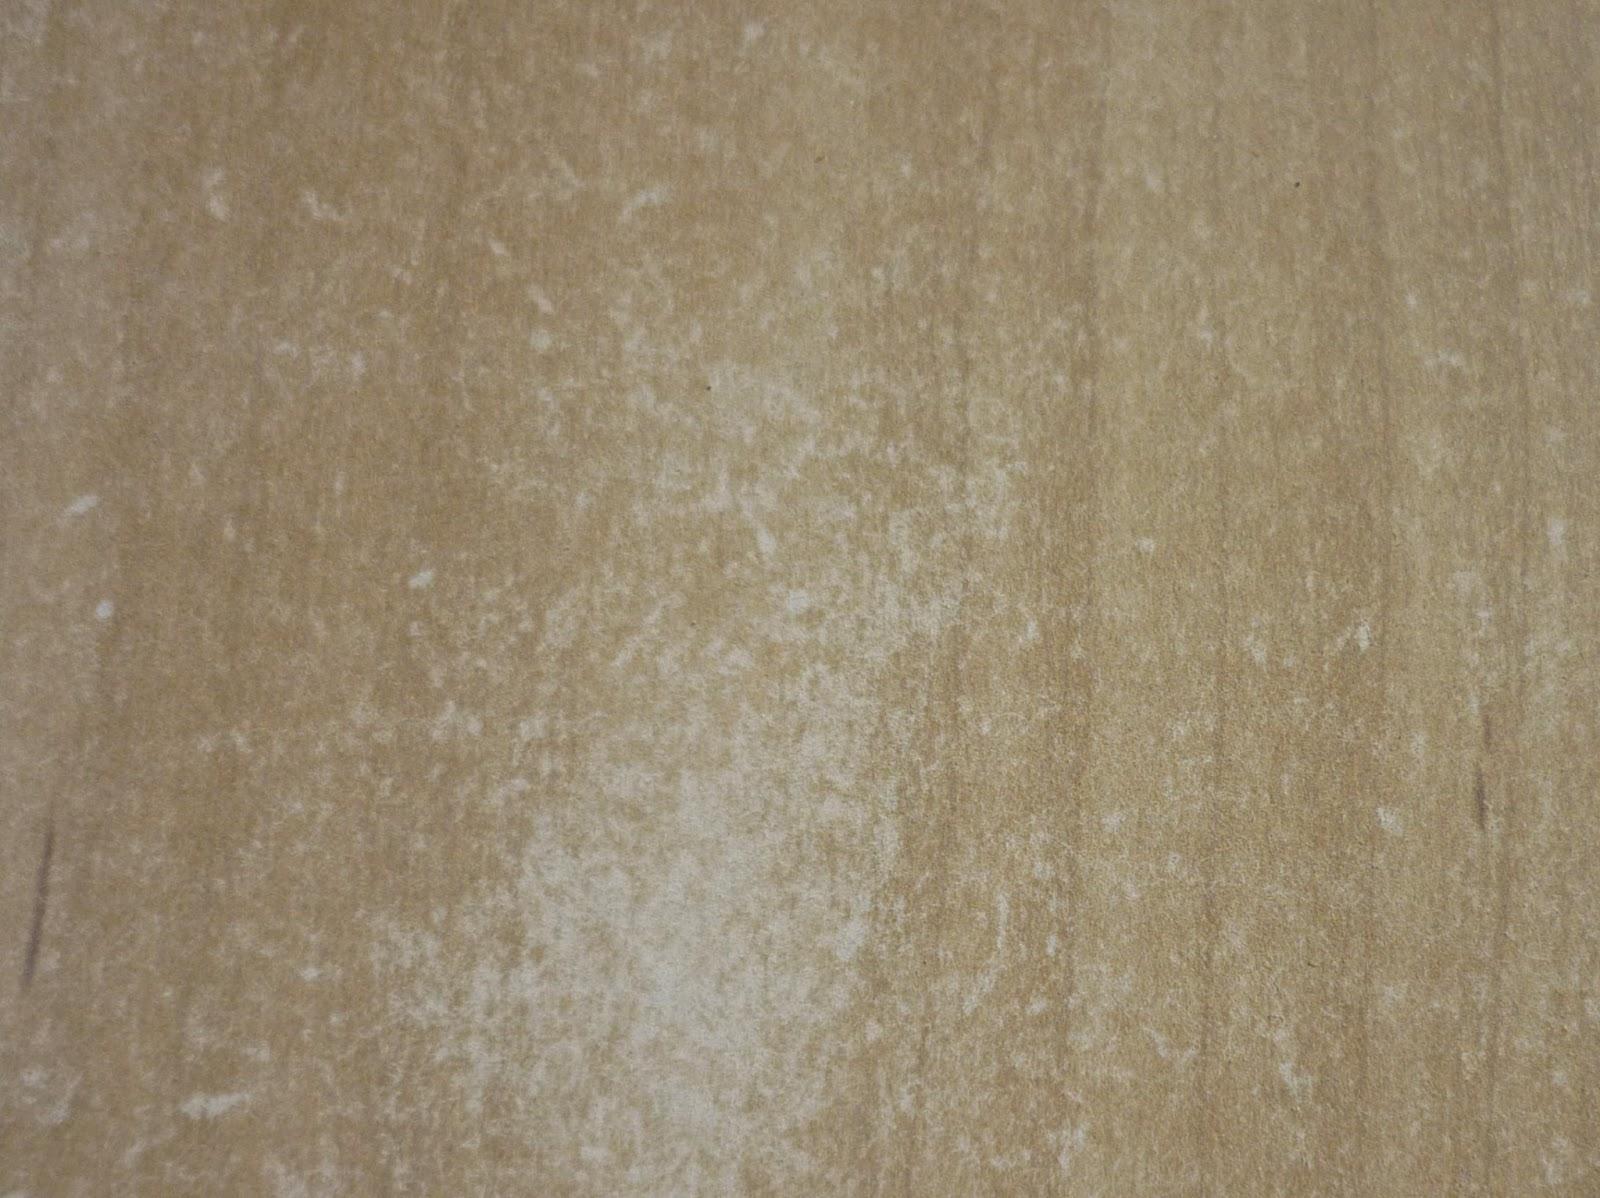 Pintura de tiza muebles pintados sin lijar ni imprimar